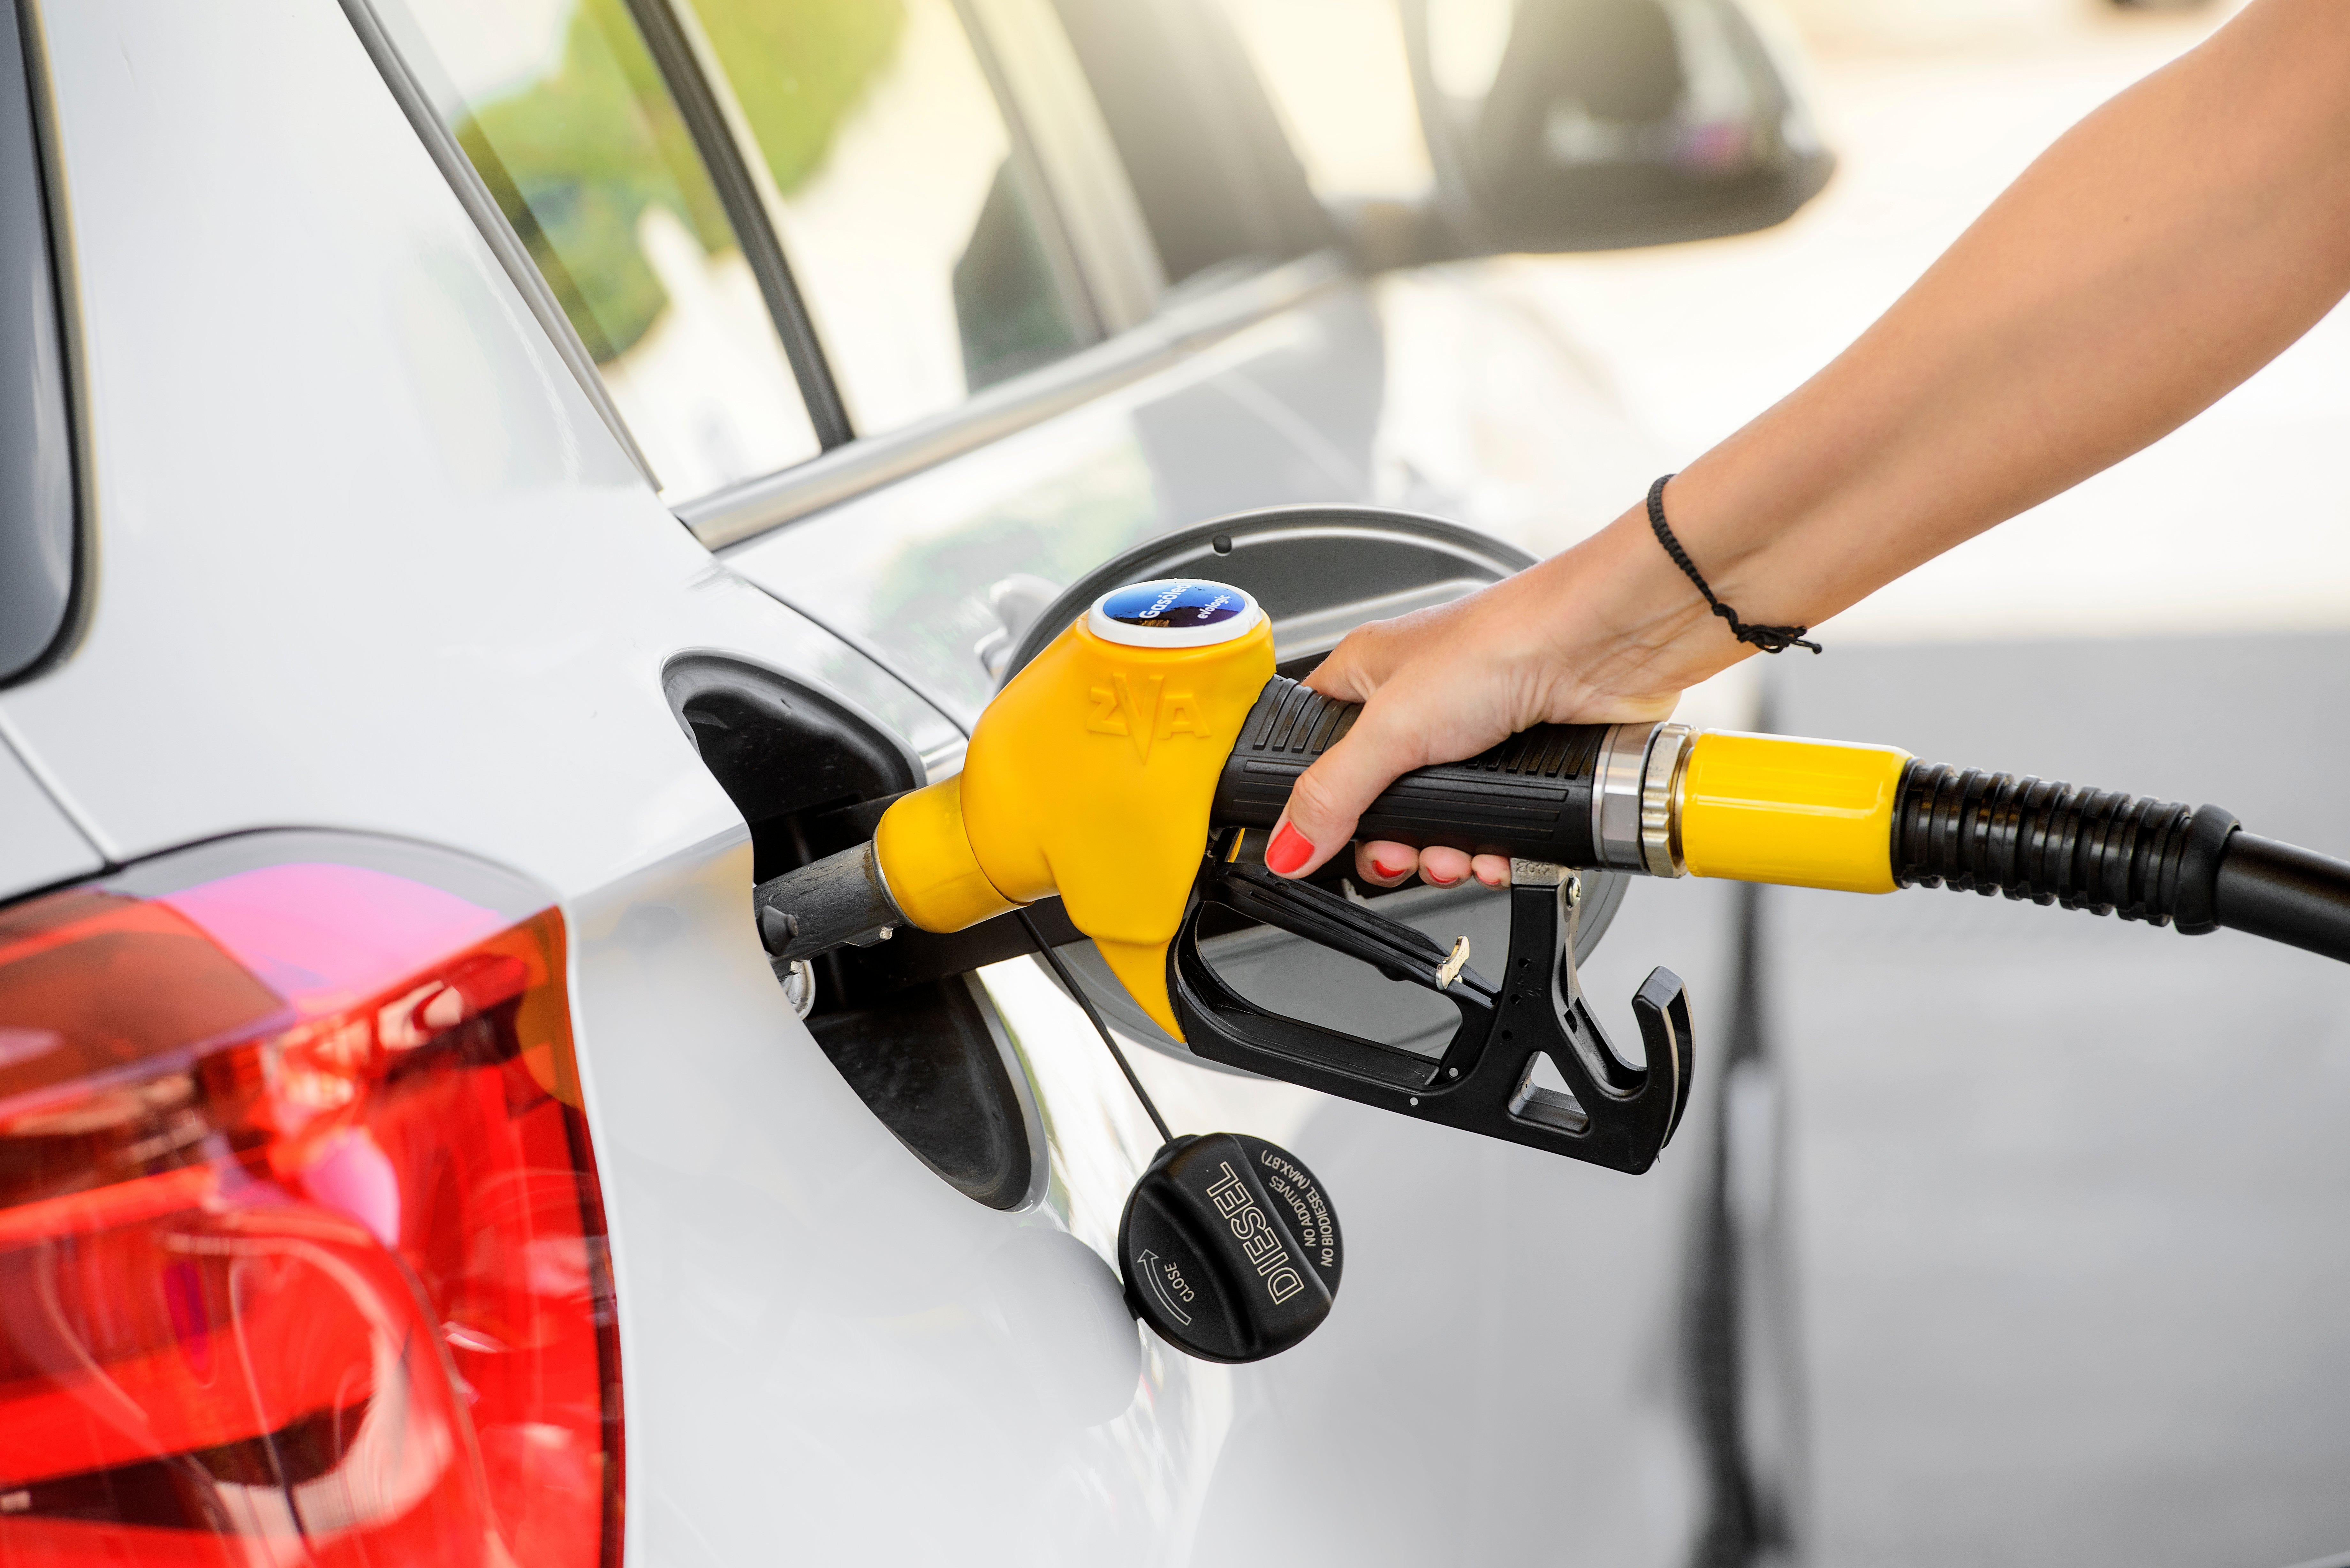 Sabe o que está a pagar quando abastece o carro?